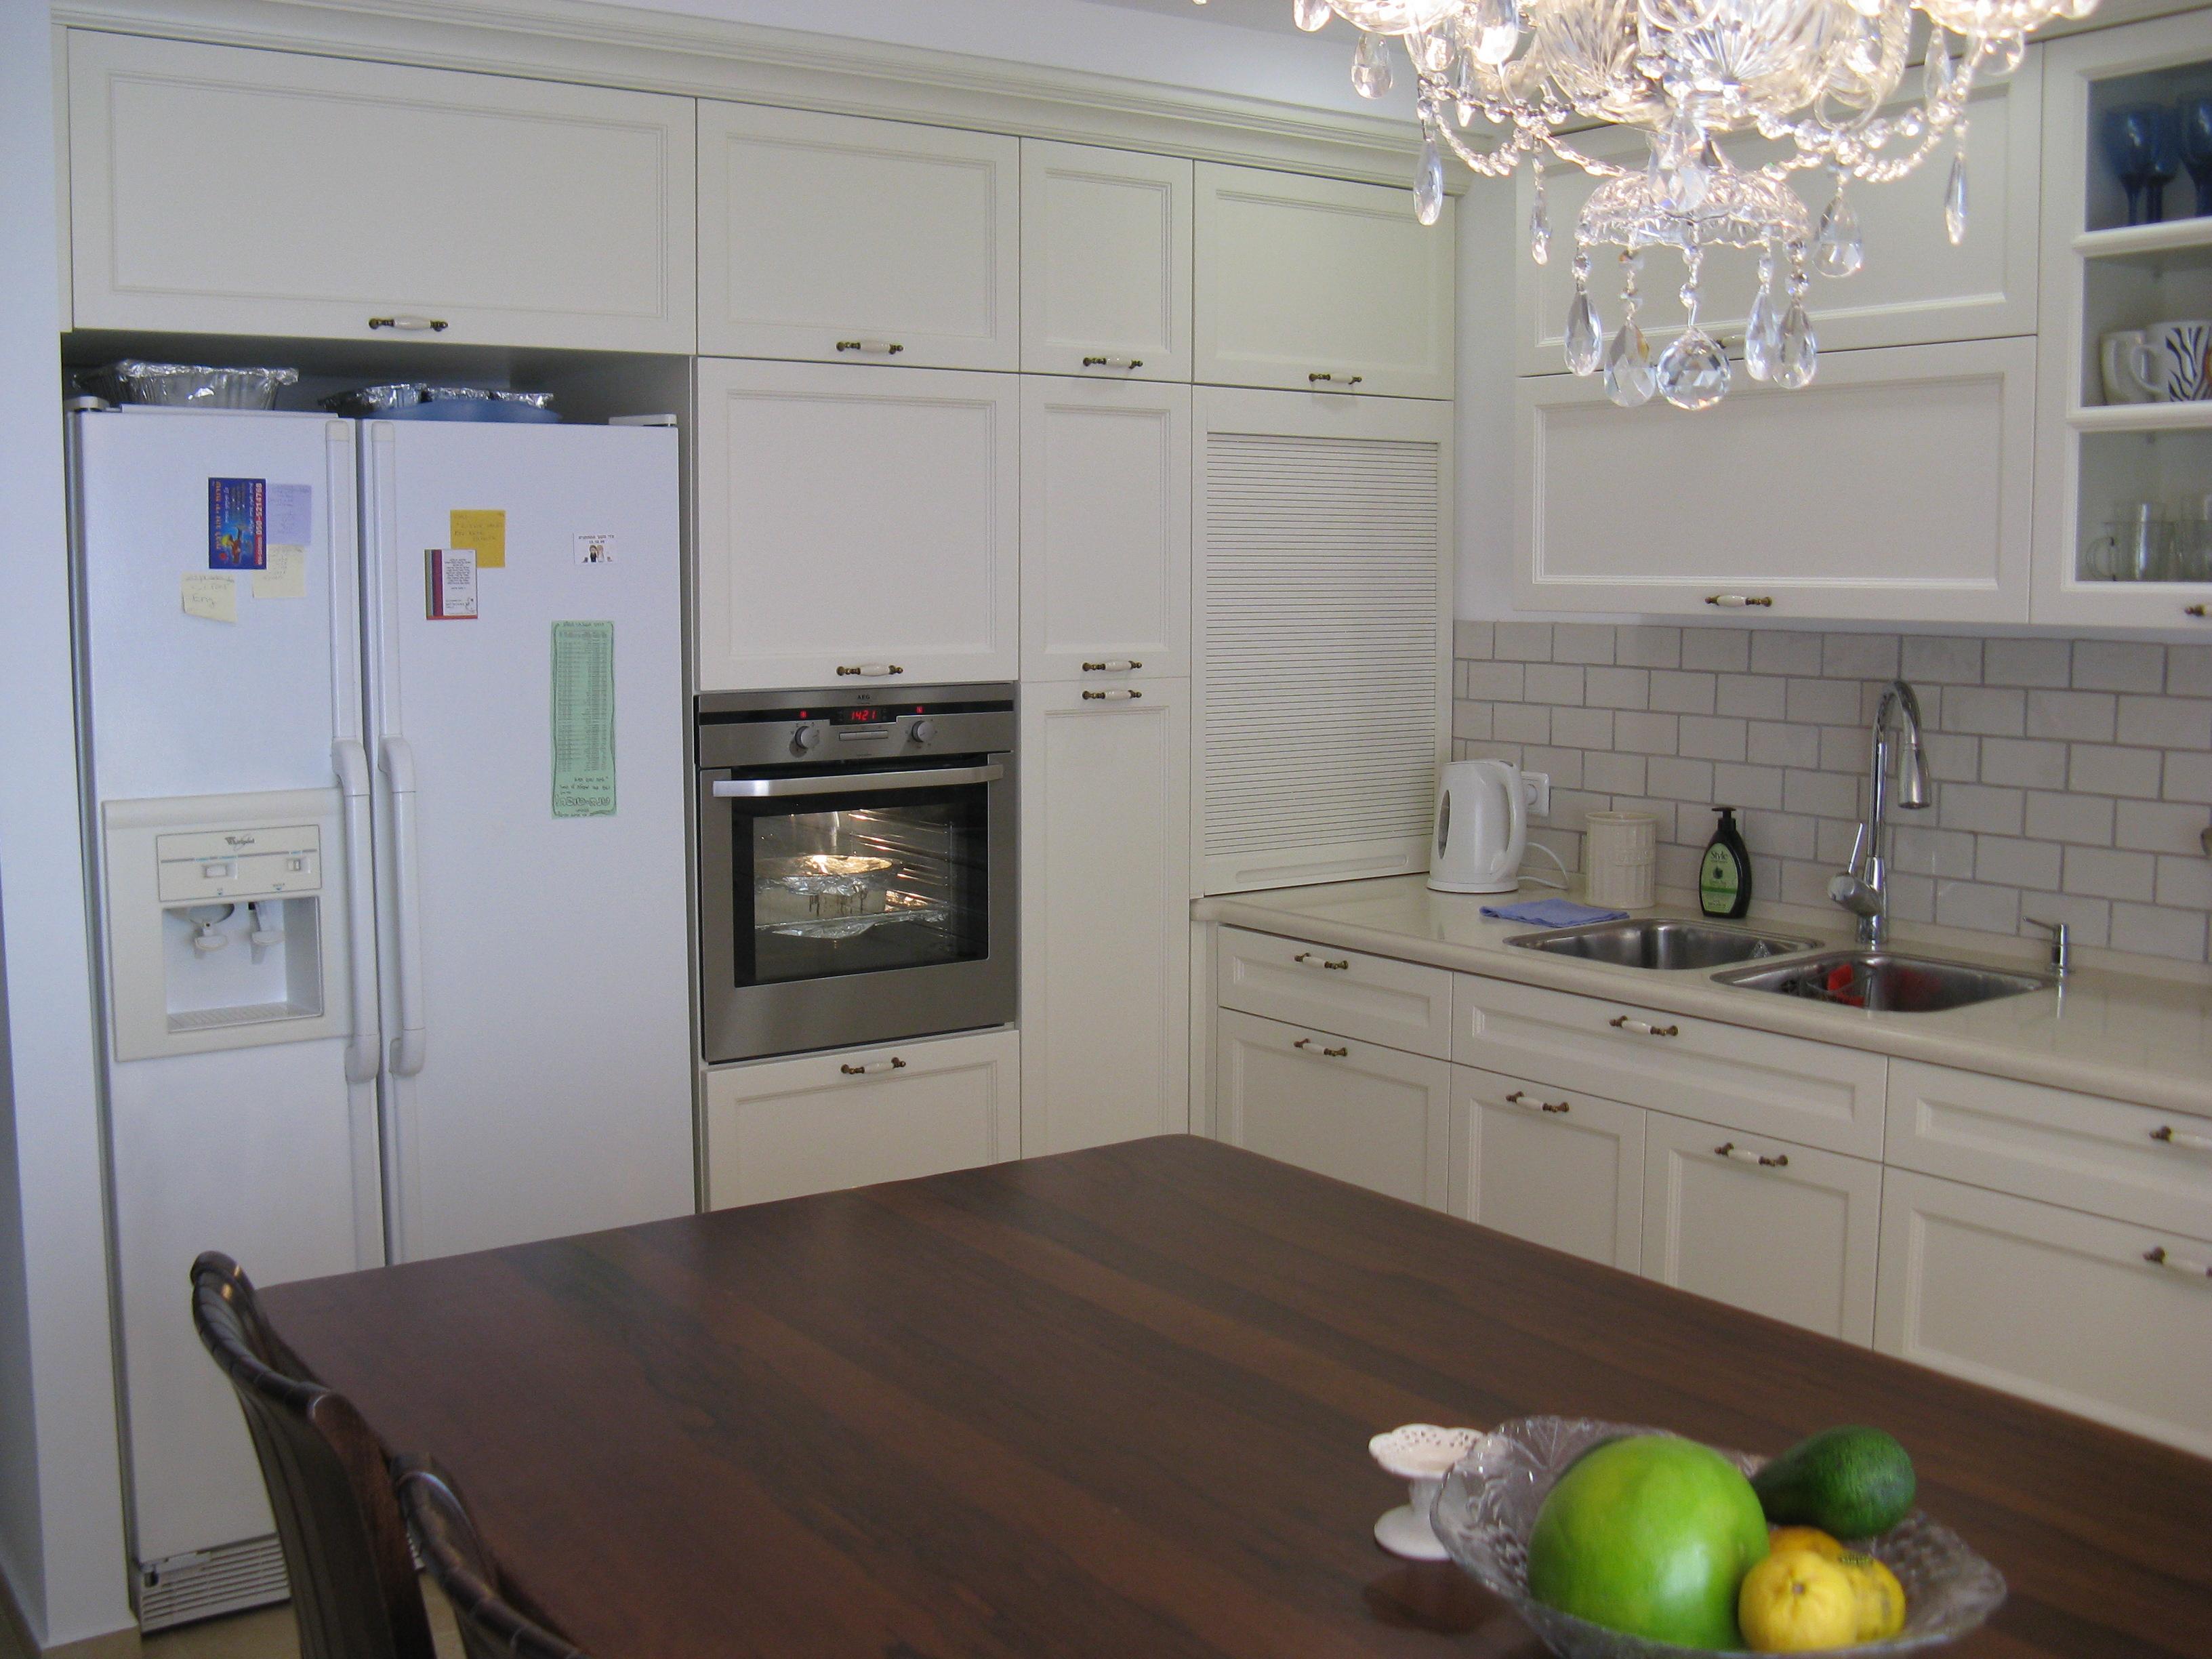 חיפוי קירות למטבח בסגנון אנגלי